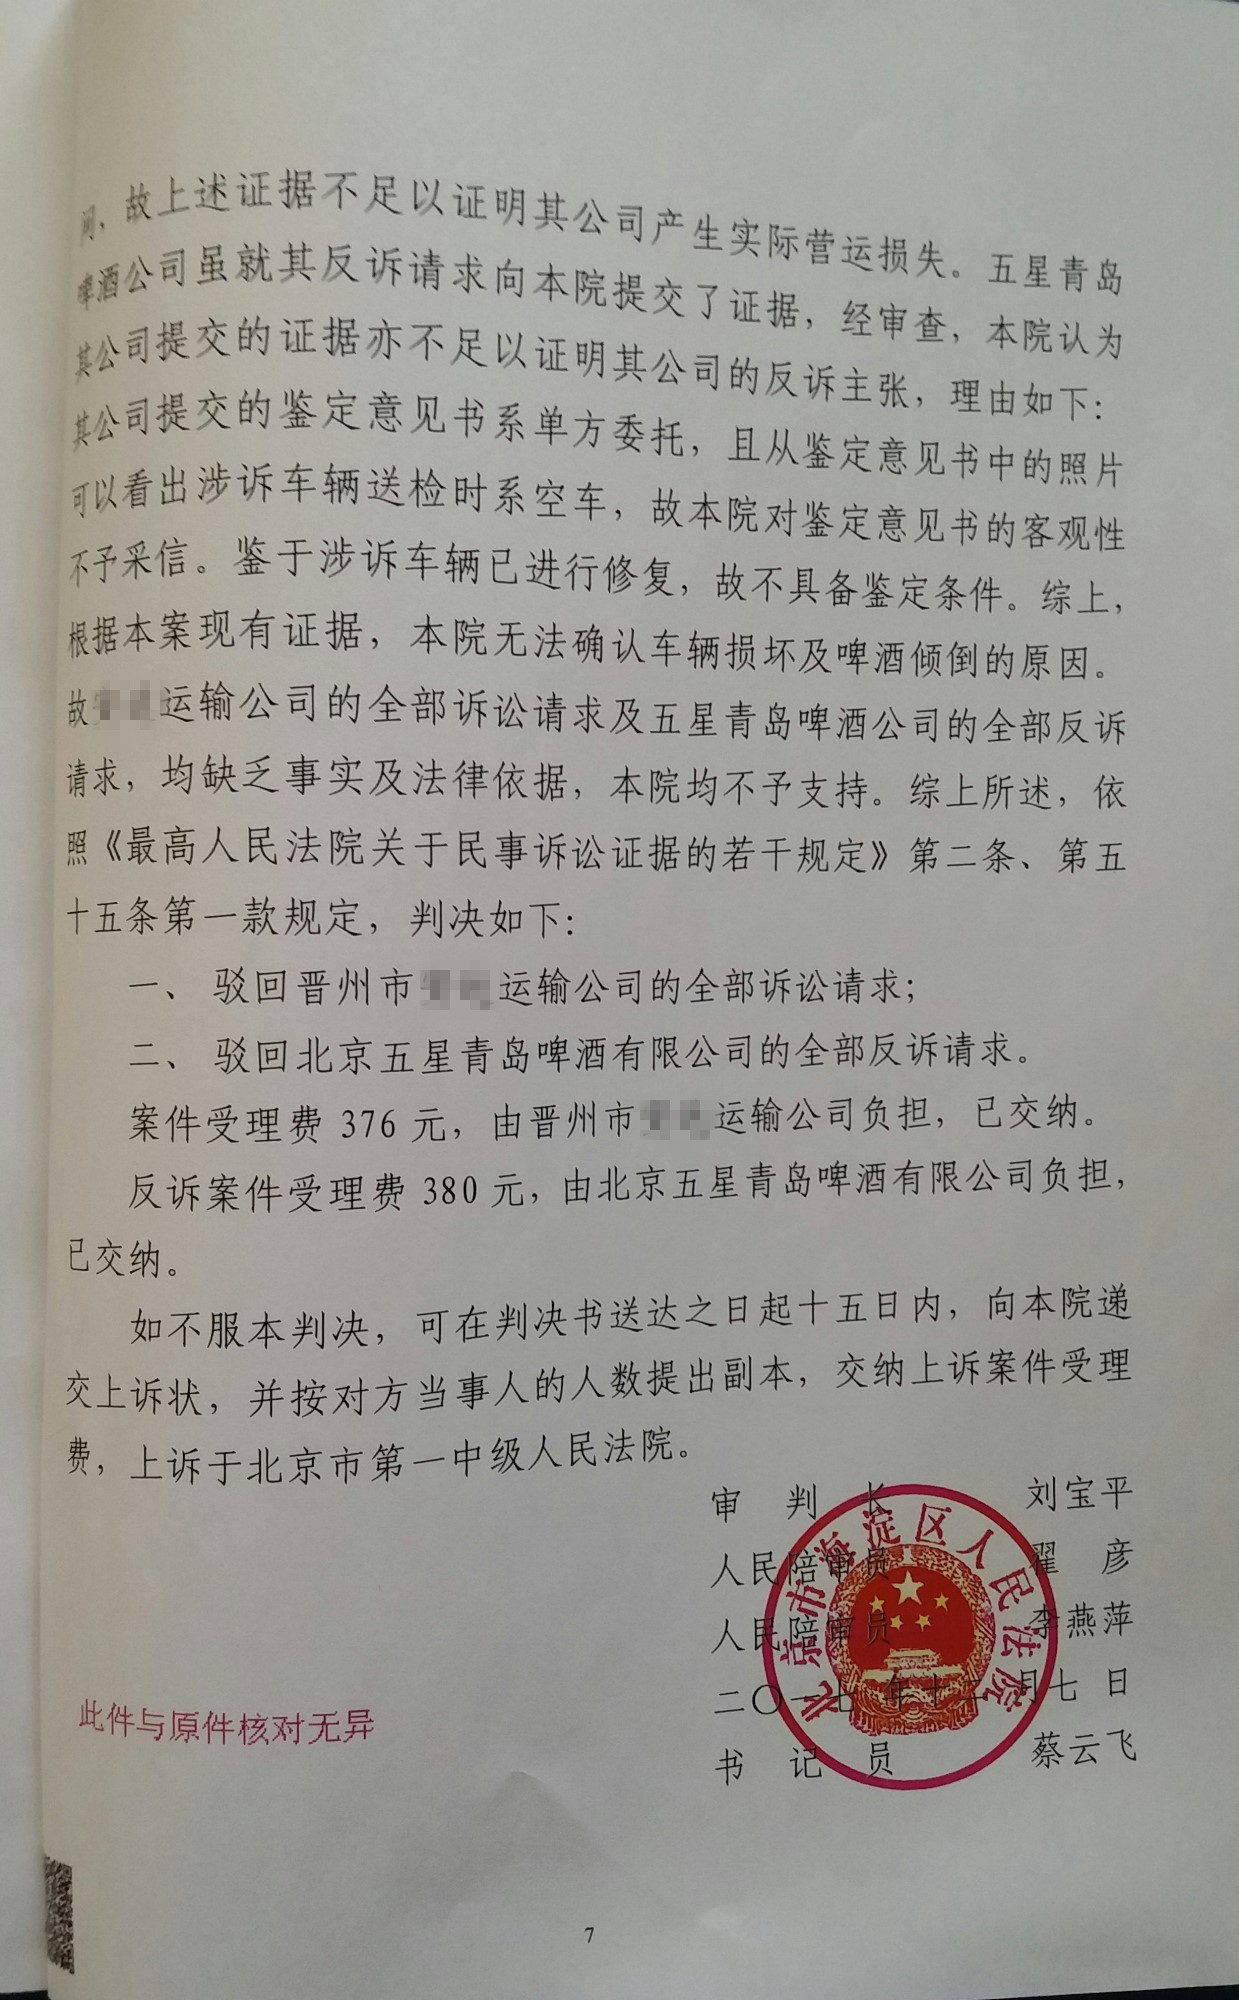 晋州公司返还原物纠纷案案例